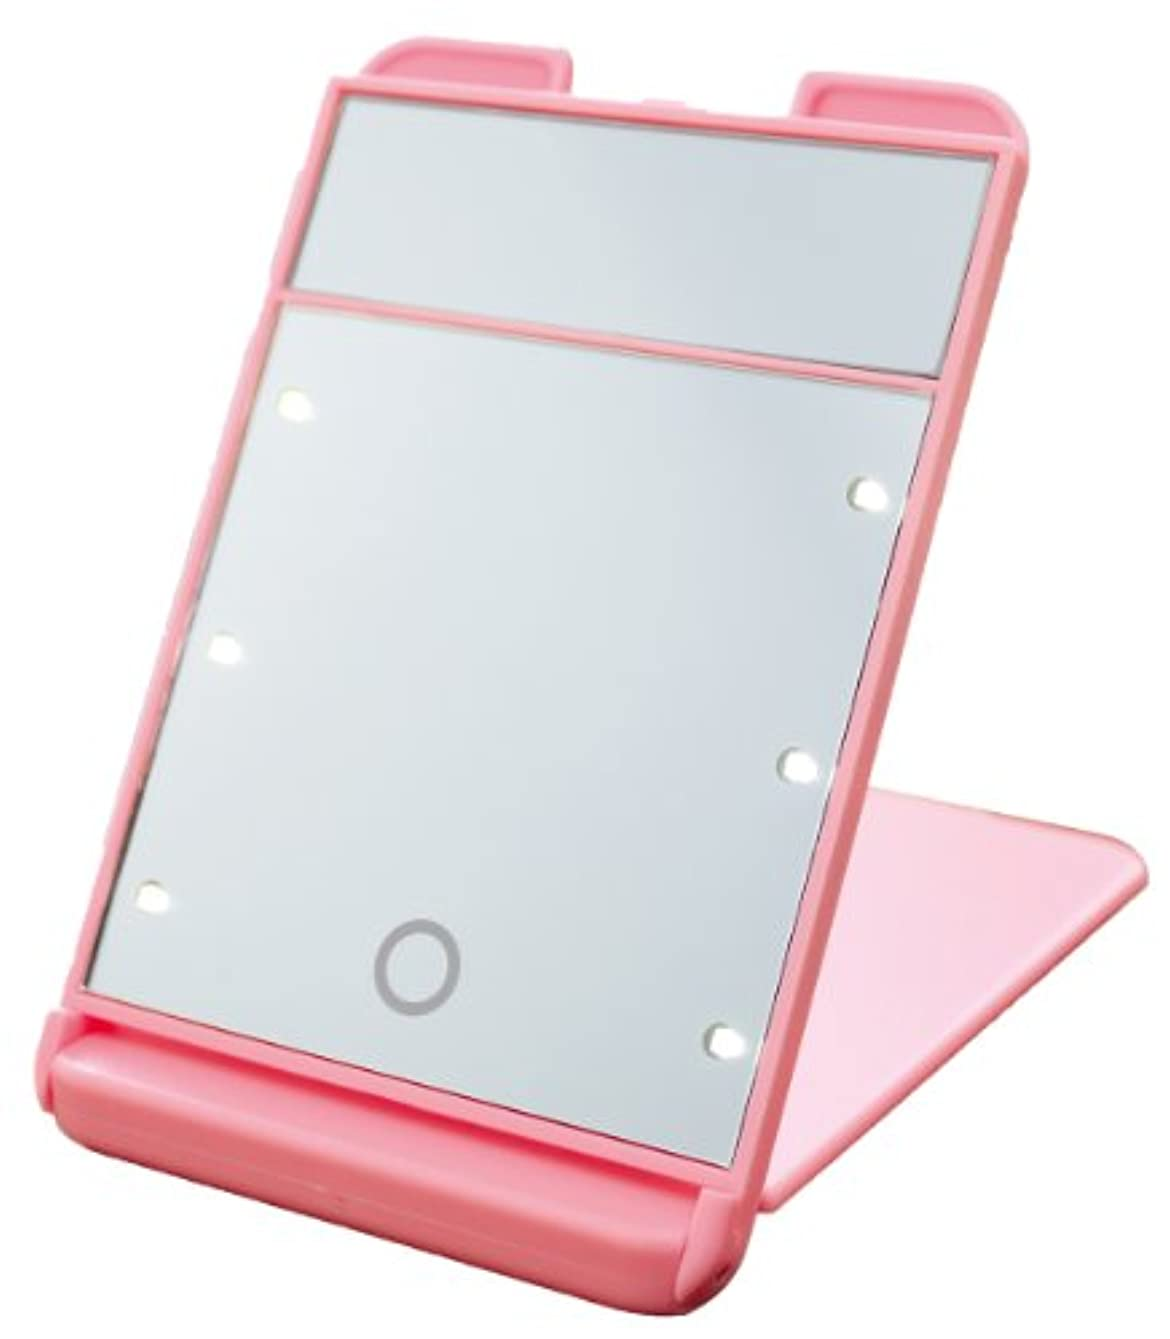 符号モッキンバード好き3倍拡大鏡付 LED コンパクト ブライトニングミラー タッチミニ YLD-1600 ピンク